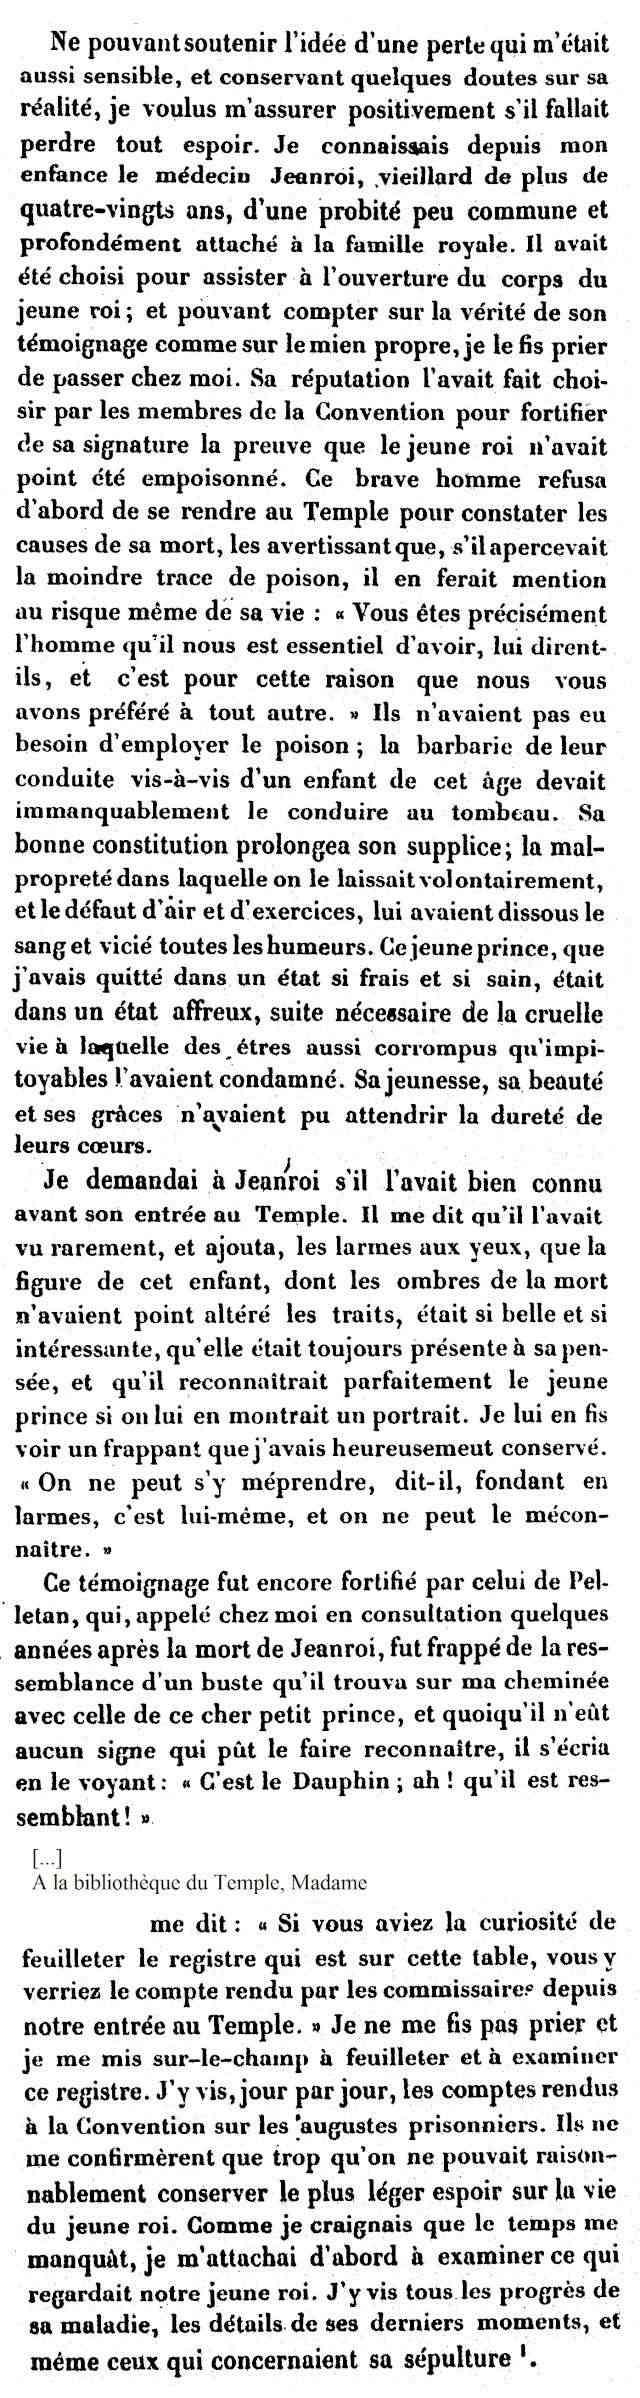 Louis XVII est-il mort au Temple ? - Page 2 Nouvel11